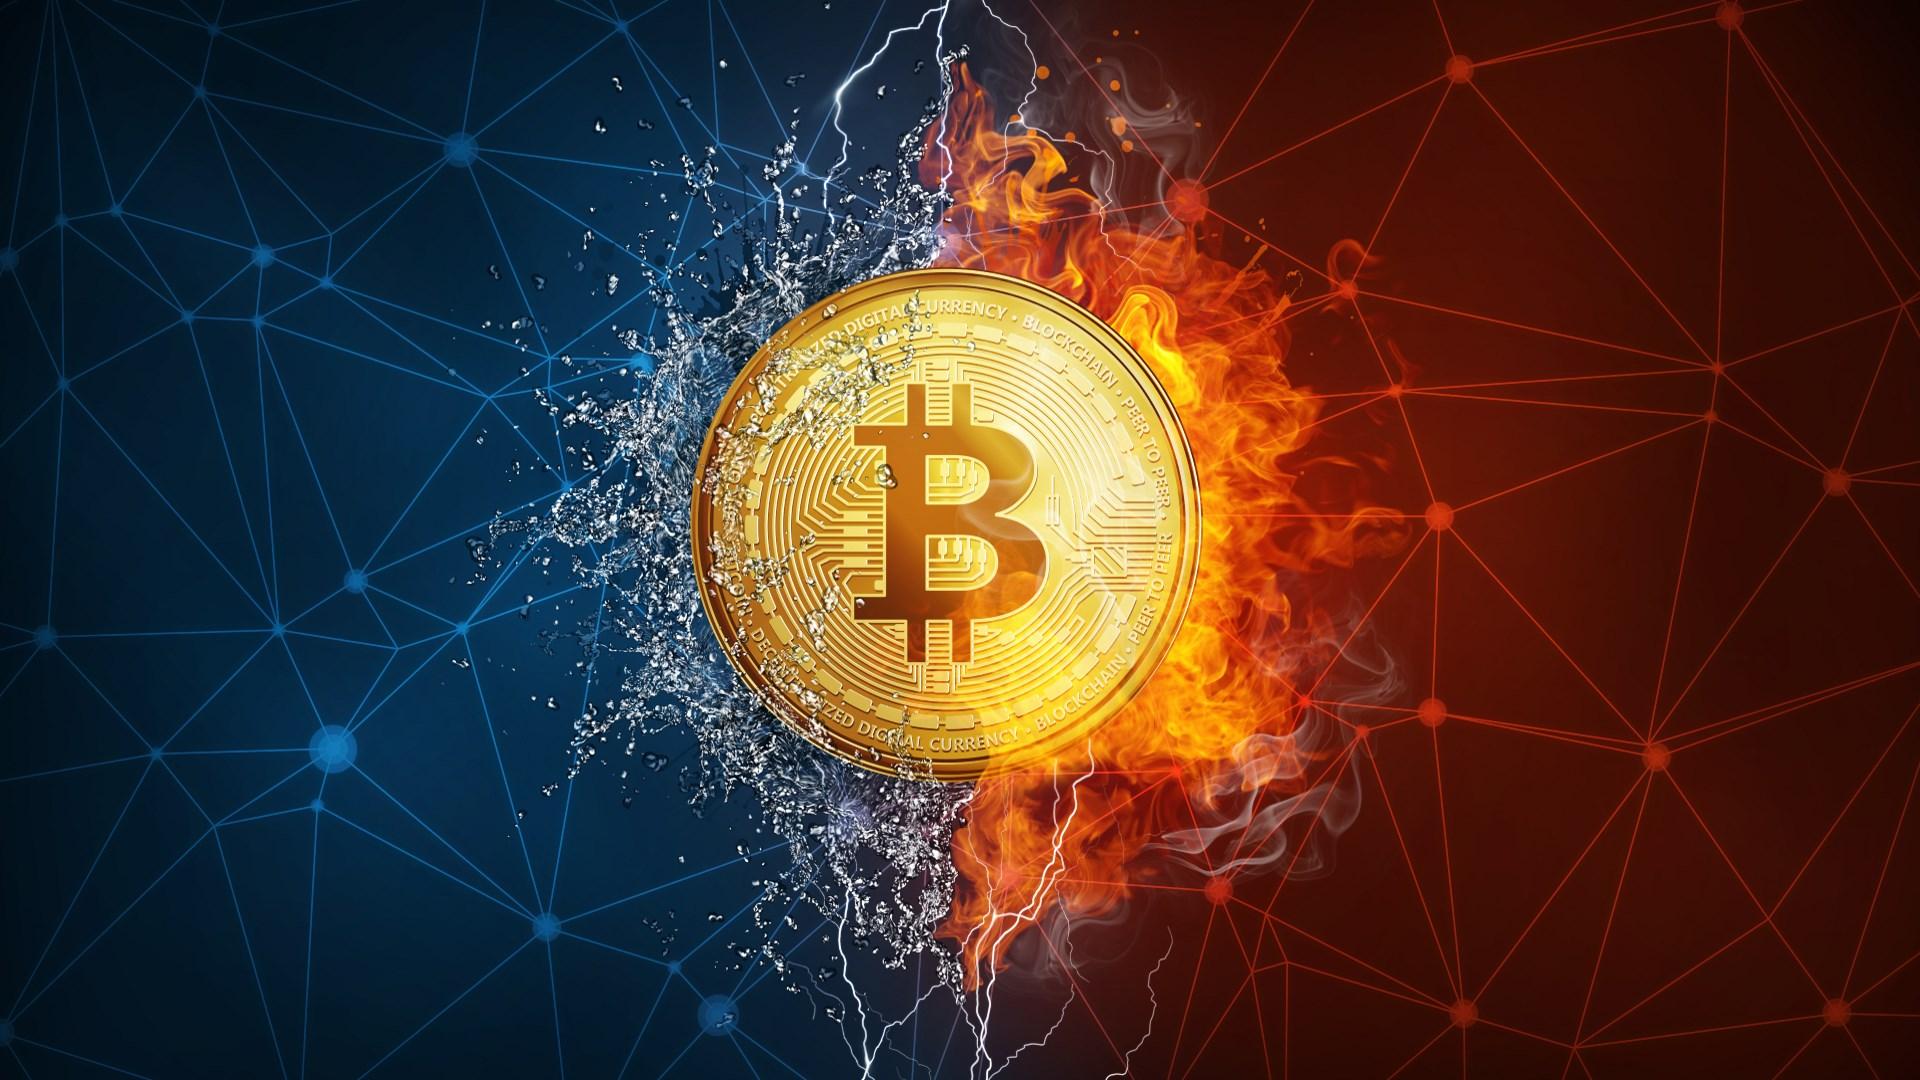 cum să obțineți bitcoin în blockchain